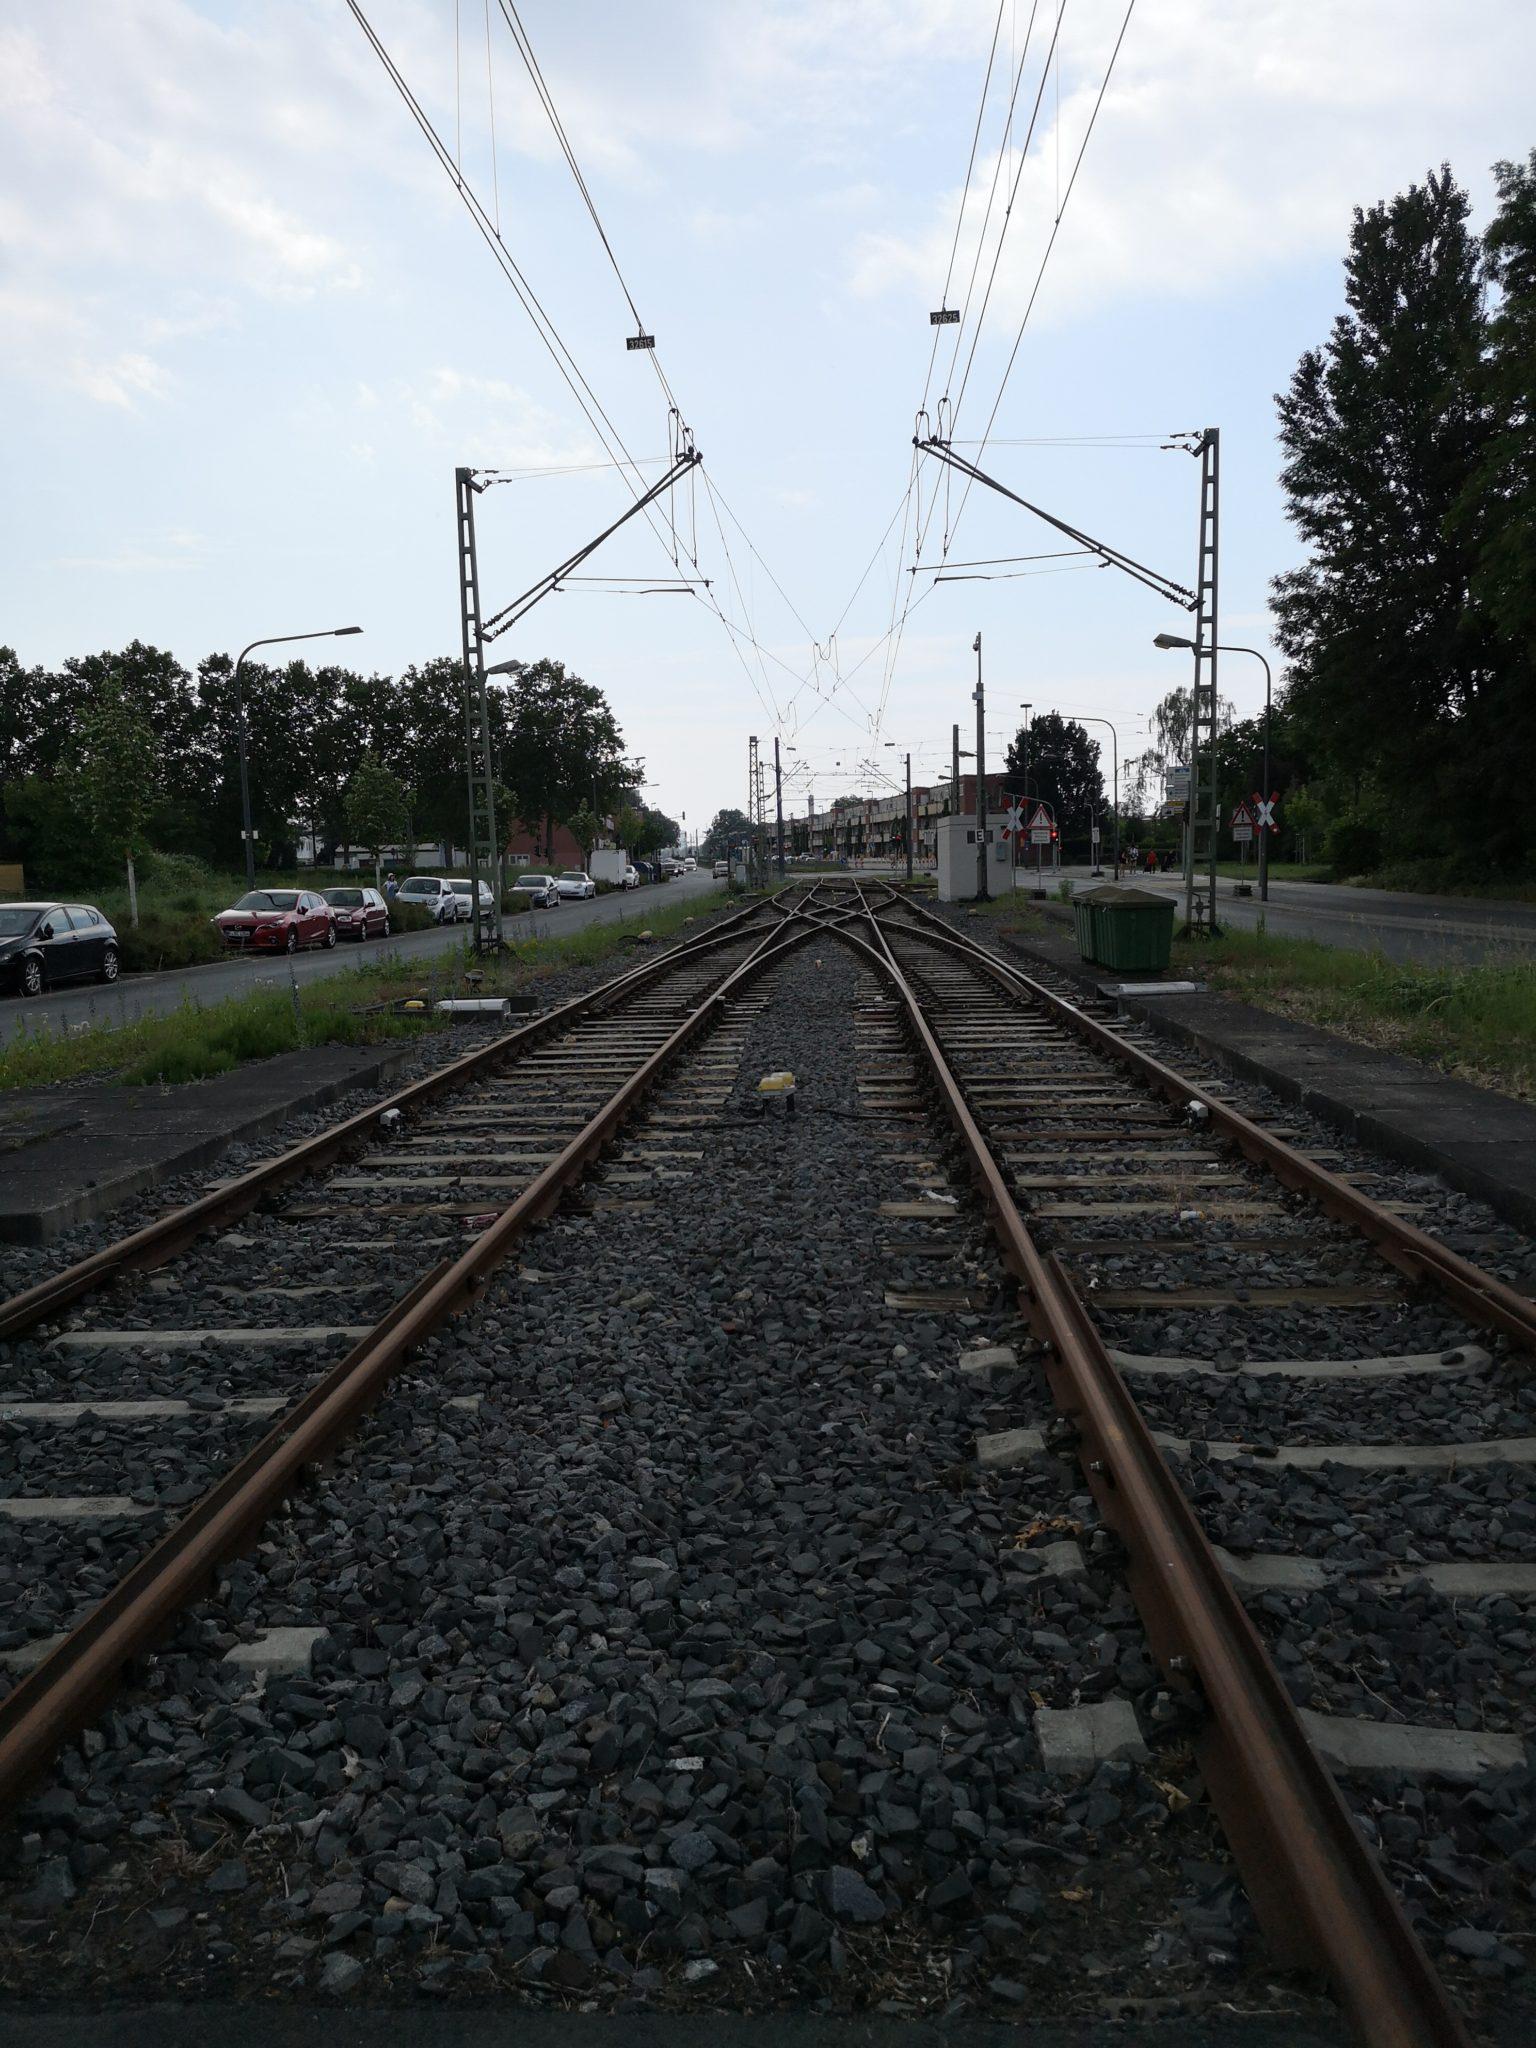 Bahn-Gucken lieben die Jungs – auch wenn keine Bahn fährt